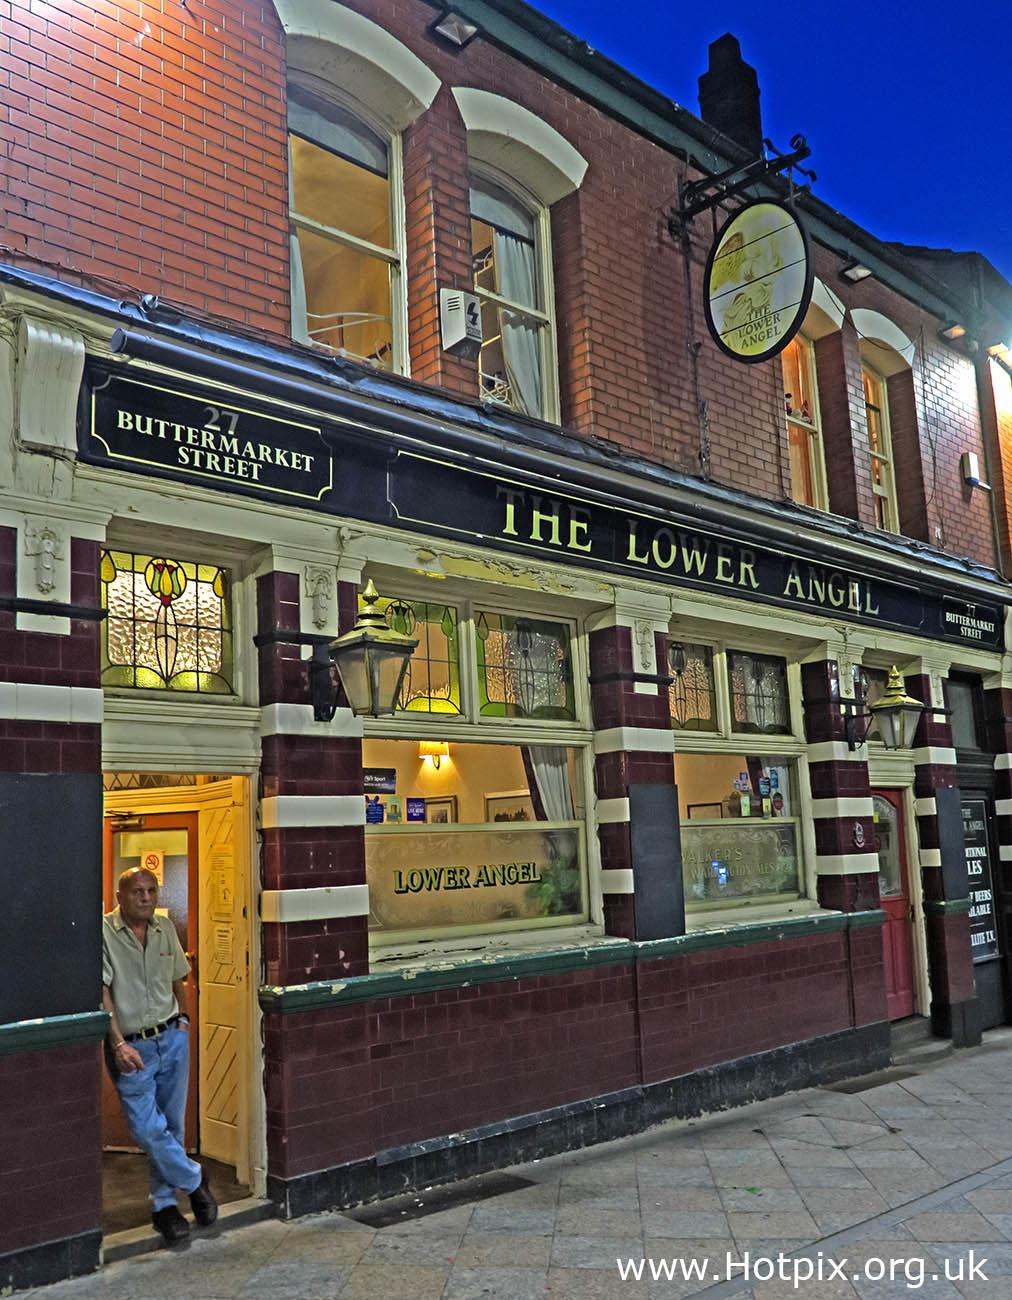 GoTonySmith,HotpixUK,Hotpix,Tony Smith,HousingITguy,365,Project365,2nd 365,HotpixUK365,Tone Smith,Lower Angel,pub,bar,The Lower Angel,Warrington,Cheshire,England,UK